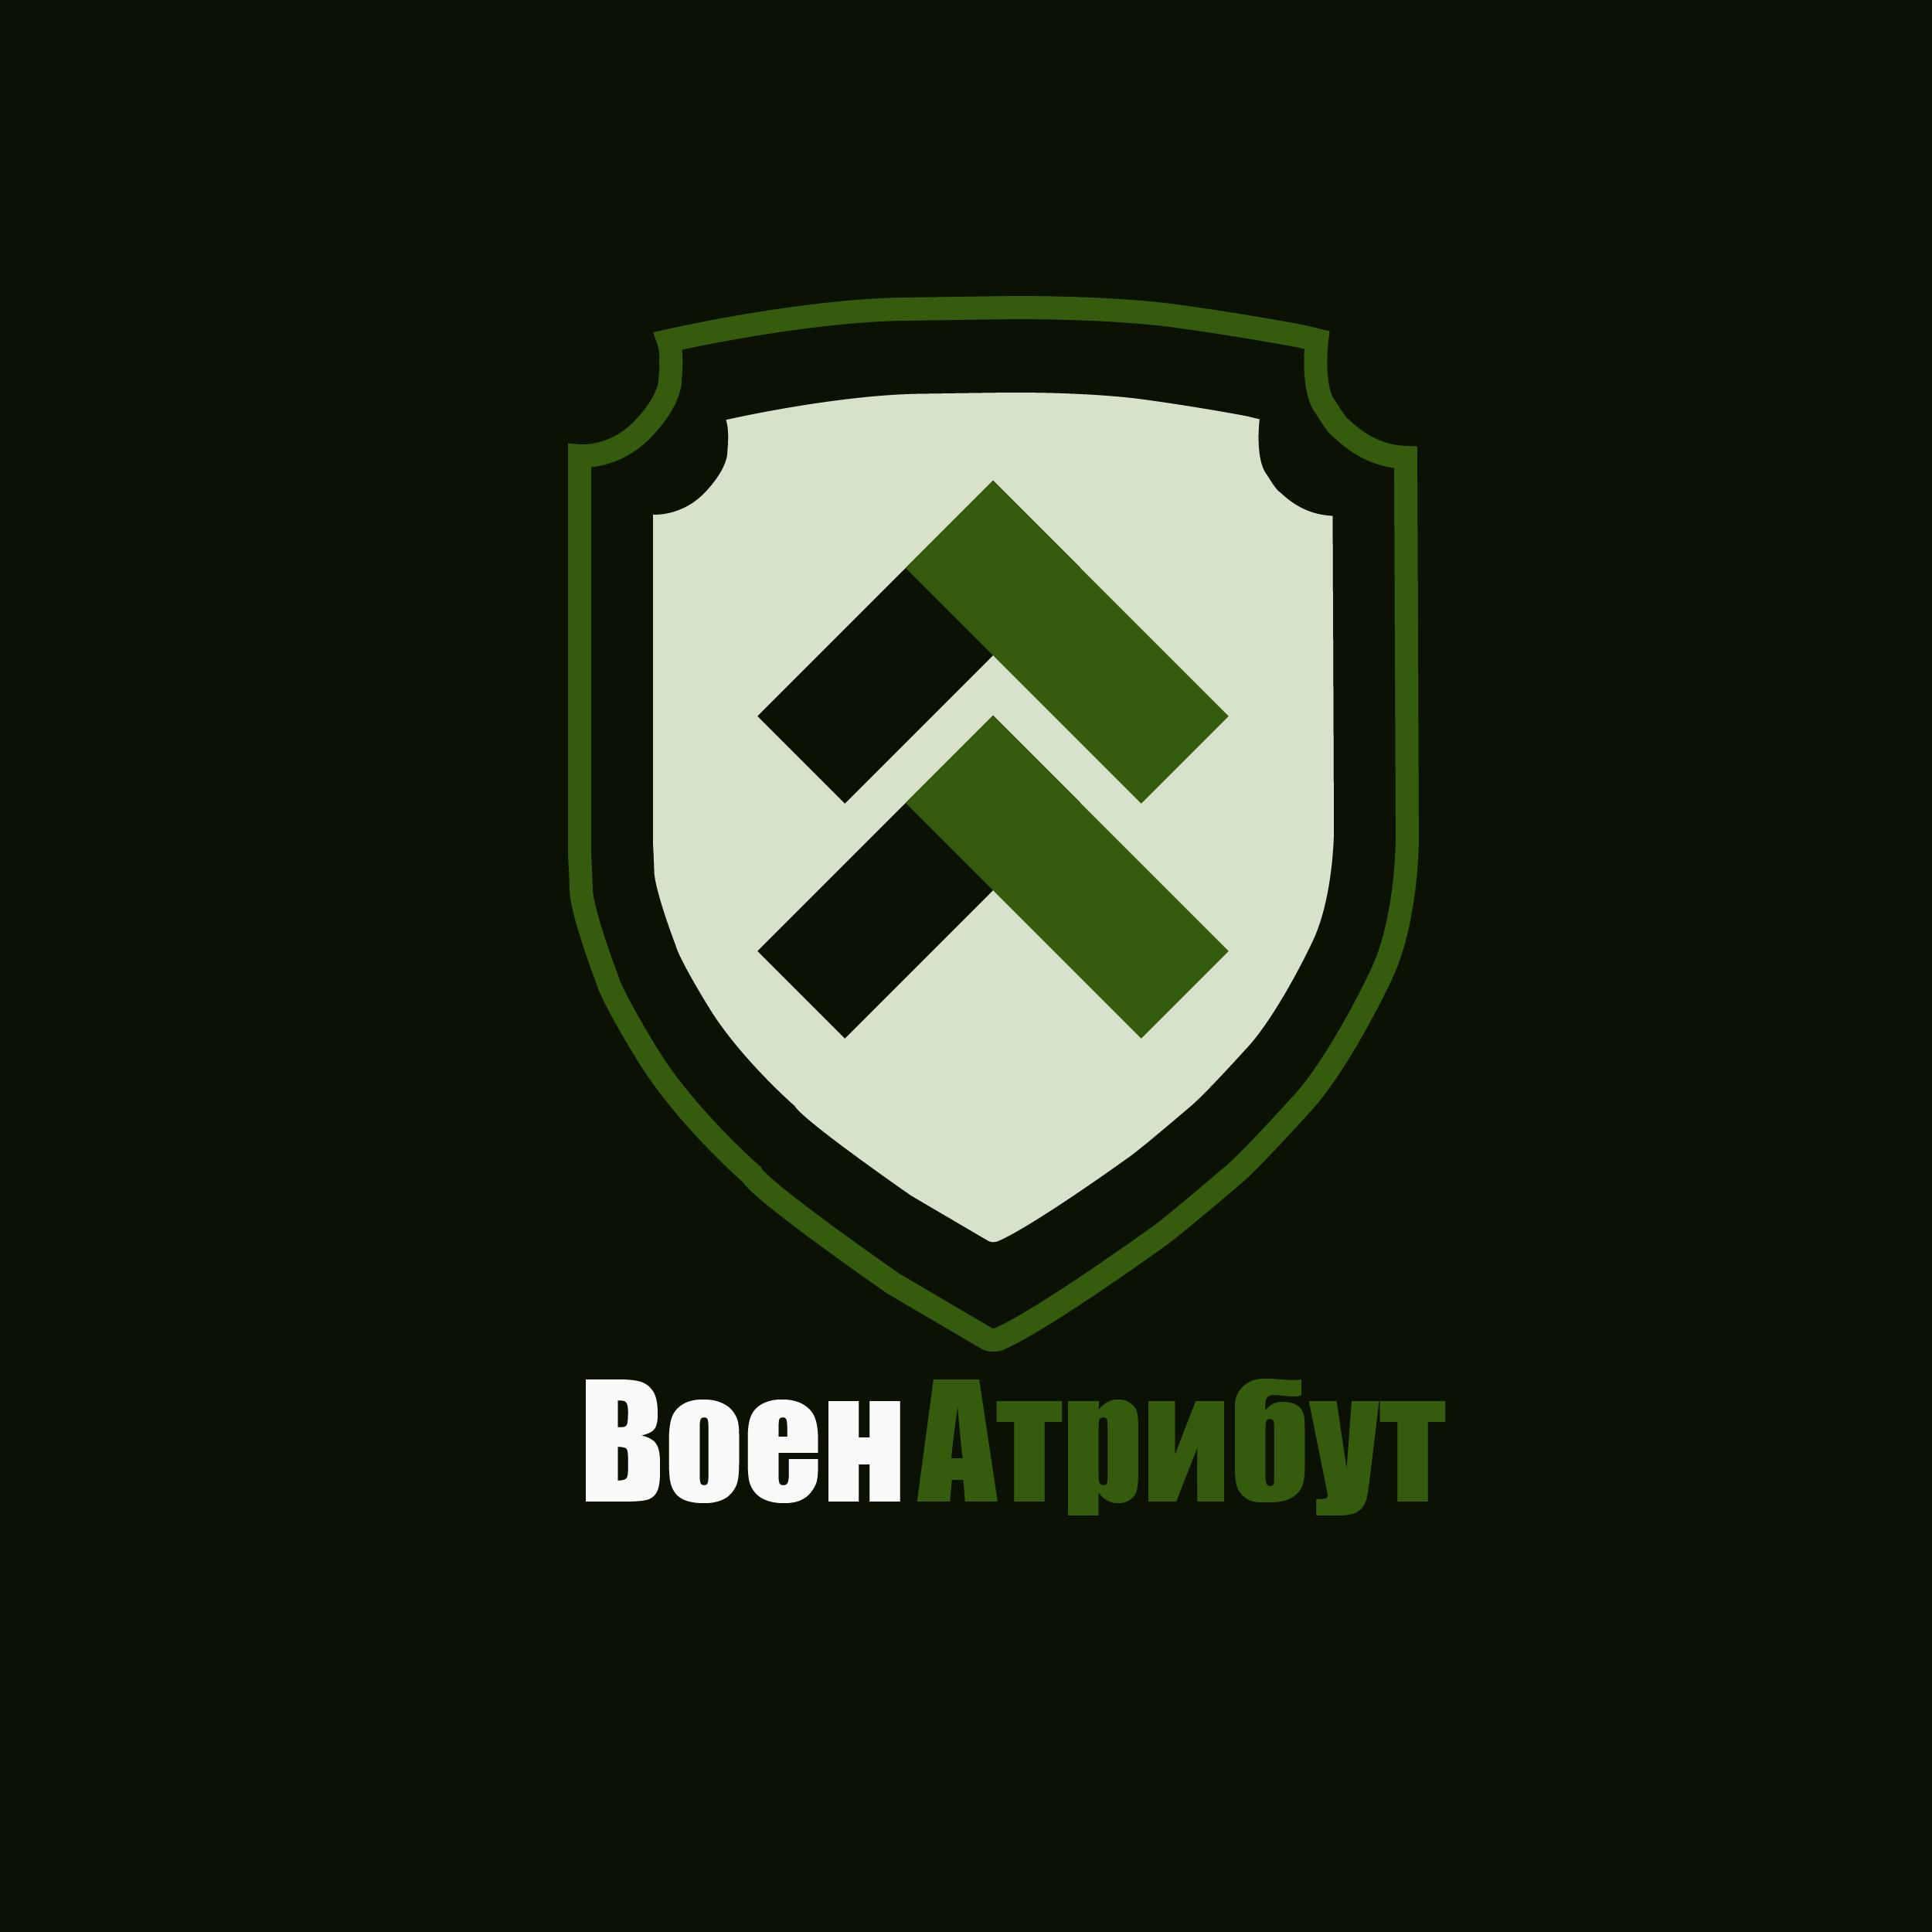 Разработка логотипа для компании военной тематики фото f_294601c18c0eb6d7.png